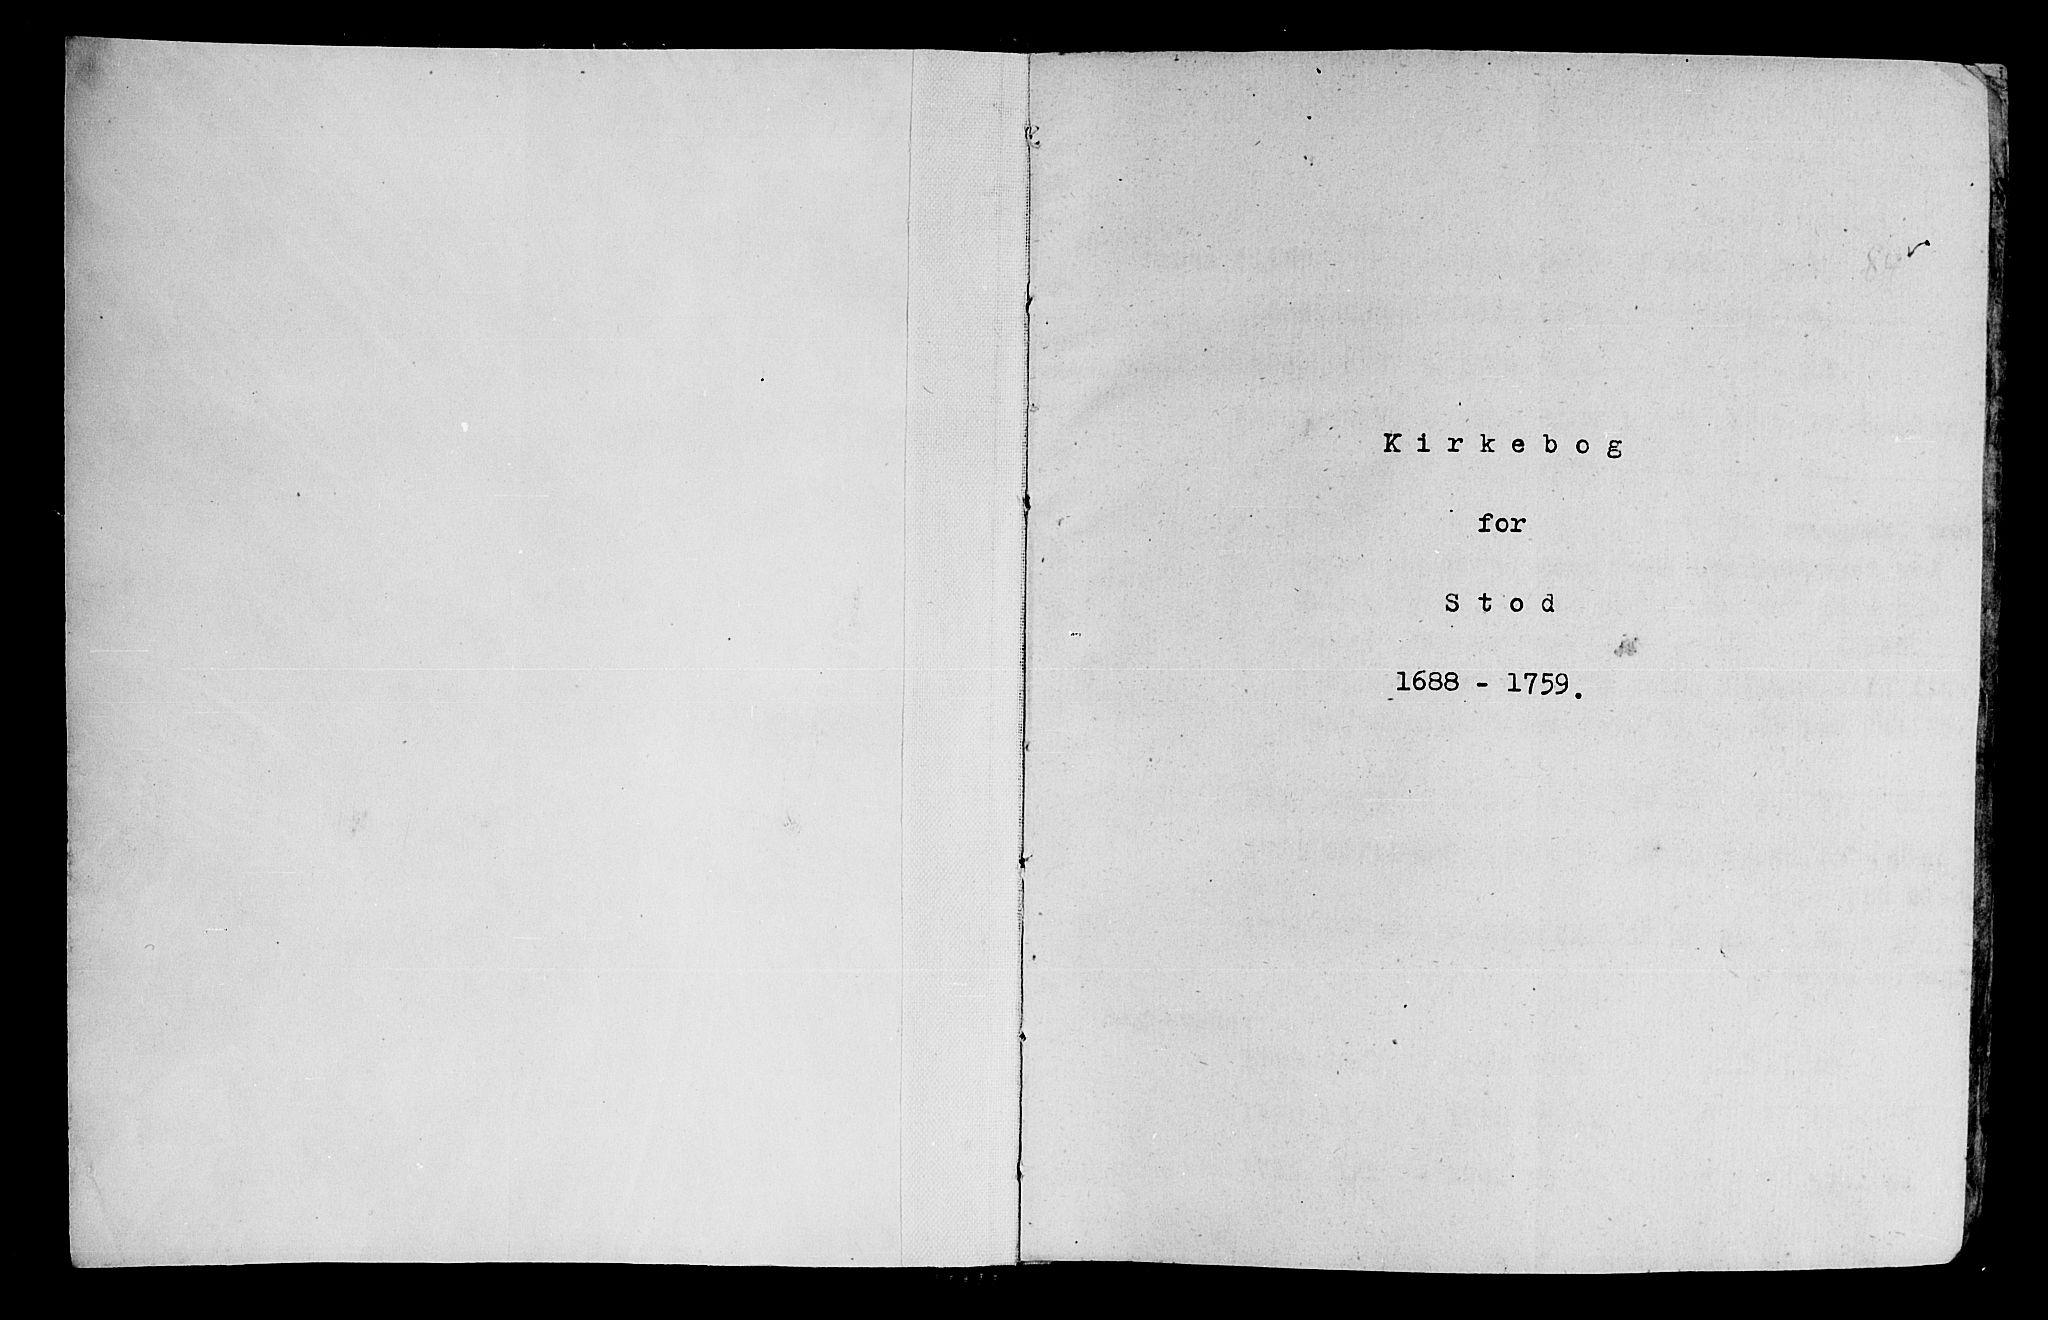 SAT, Ministerialprotokoller, klokkerbøker og fødselsregistre - Nord-Trøndelag, 746/L0439: Ministerialbok nr. 746A01, 1688-1759